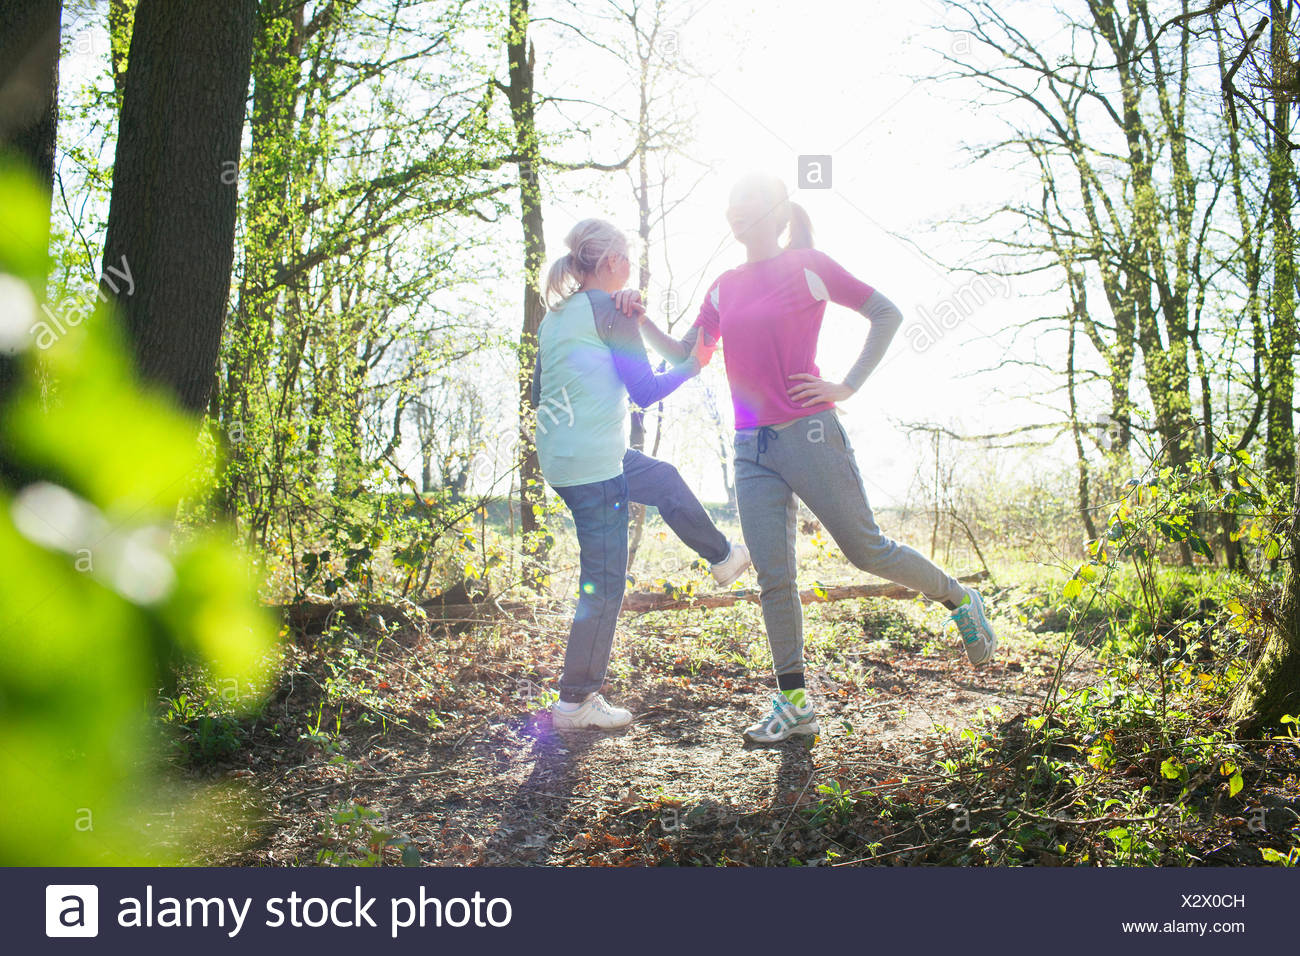 Le donne nella foresta faccia a faccia le gambe sollevate stretching Immagini Stock